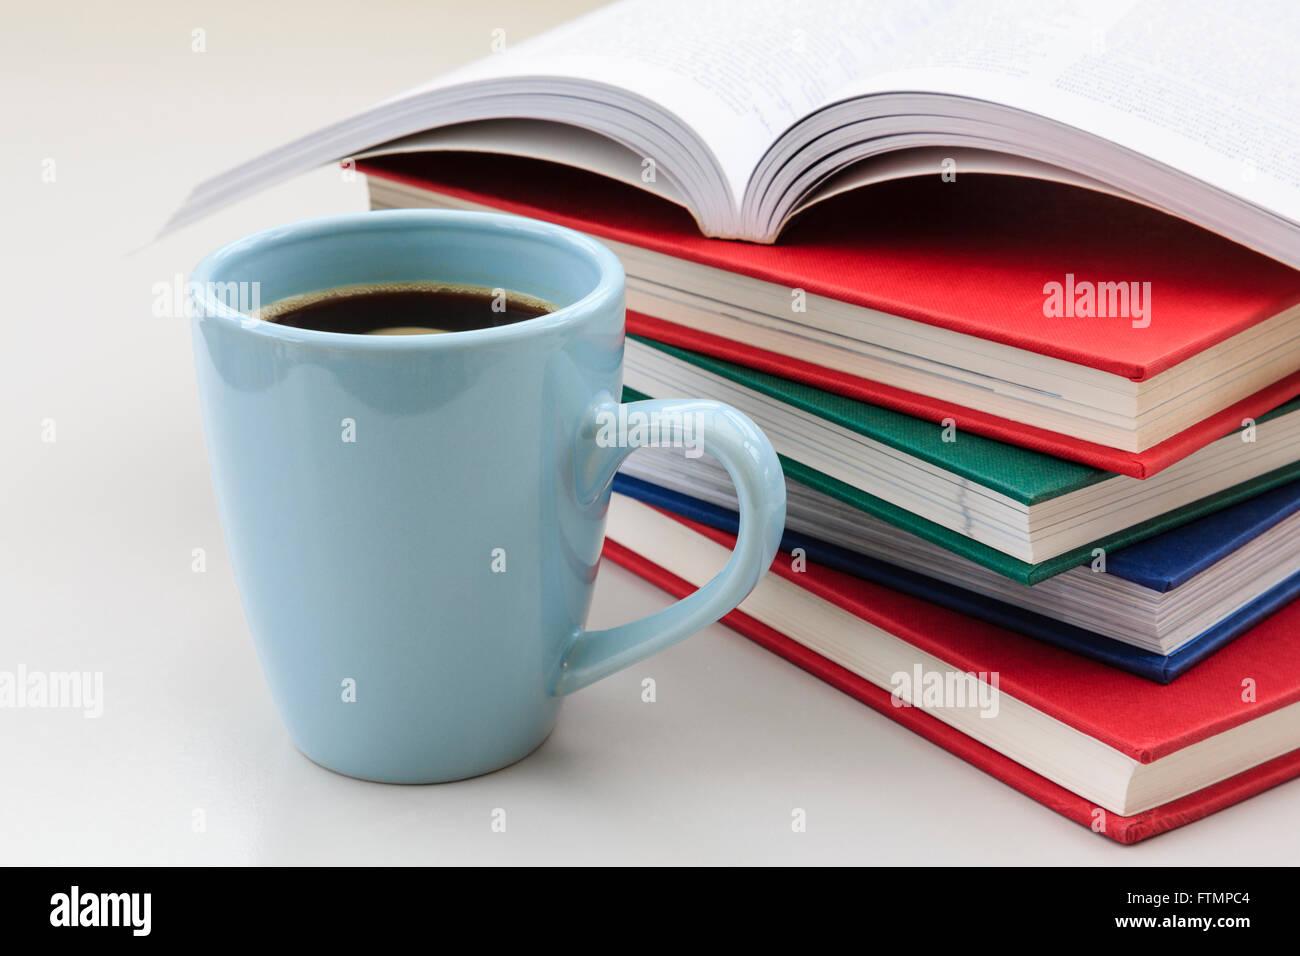 Die Studie Studentenszene mit Stapel Bücher auf einem Schreibtisch mit einer Tasse starken schwarzen Kaffee Stockbild